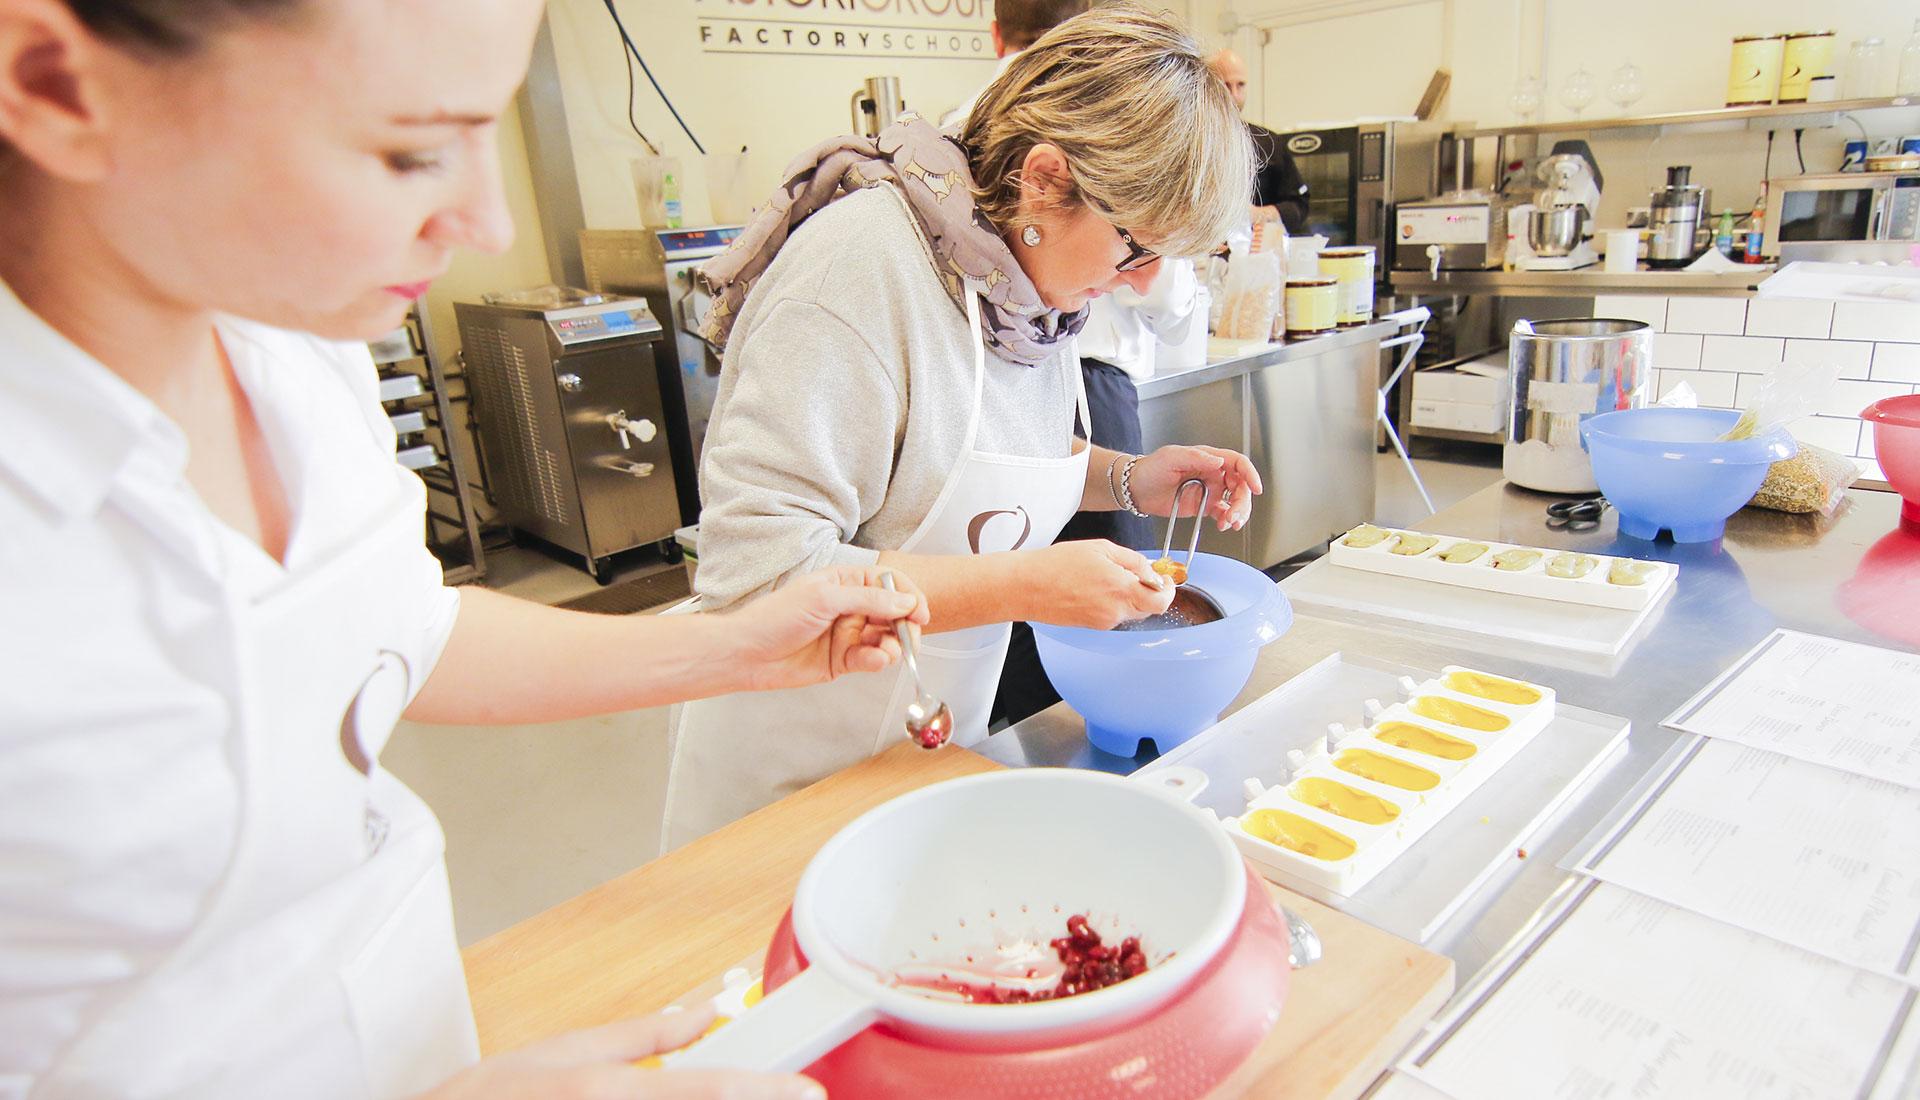 corso gelateria in factory school - corso gelateria bergamo ... - Corso Cucina Bergamo